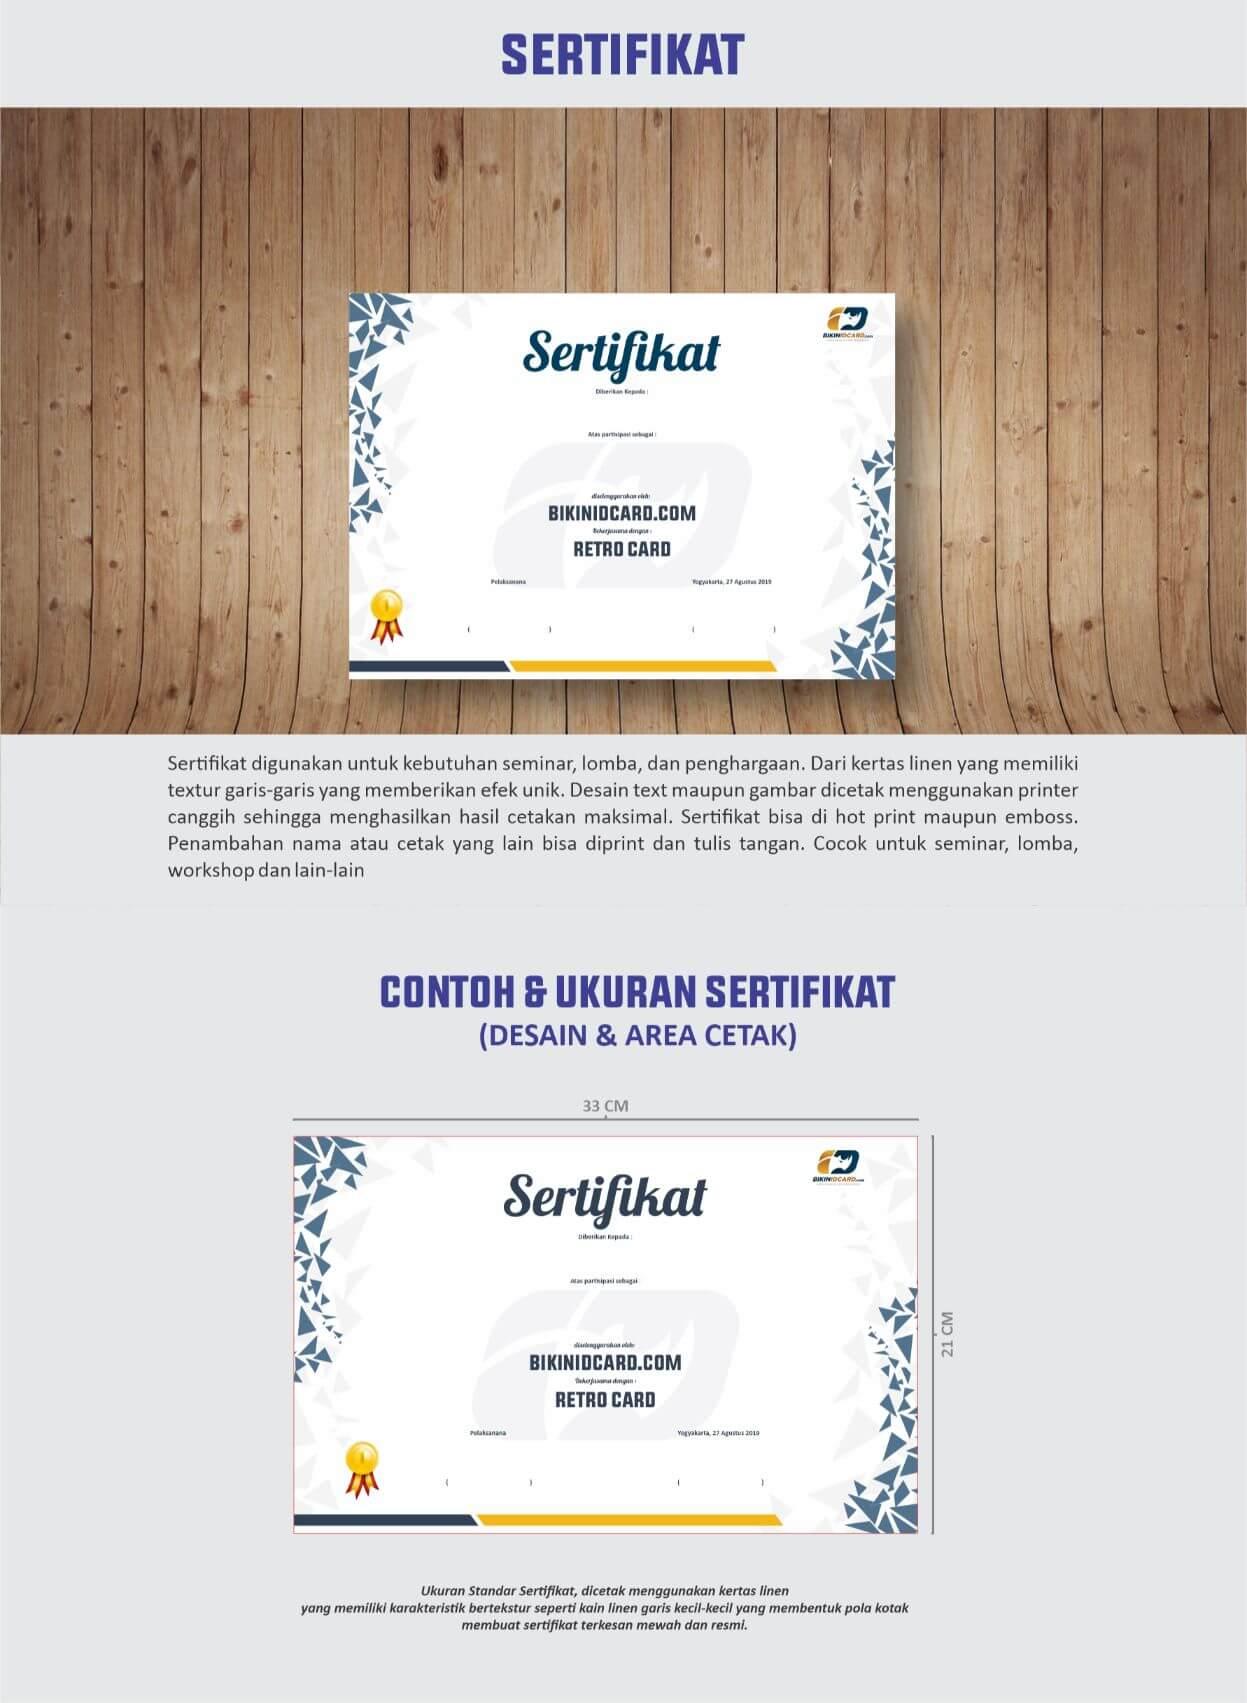 area desain sertifikat